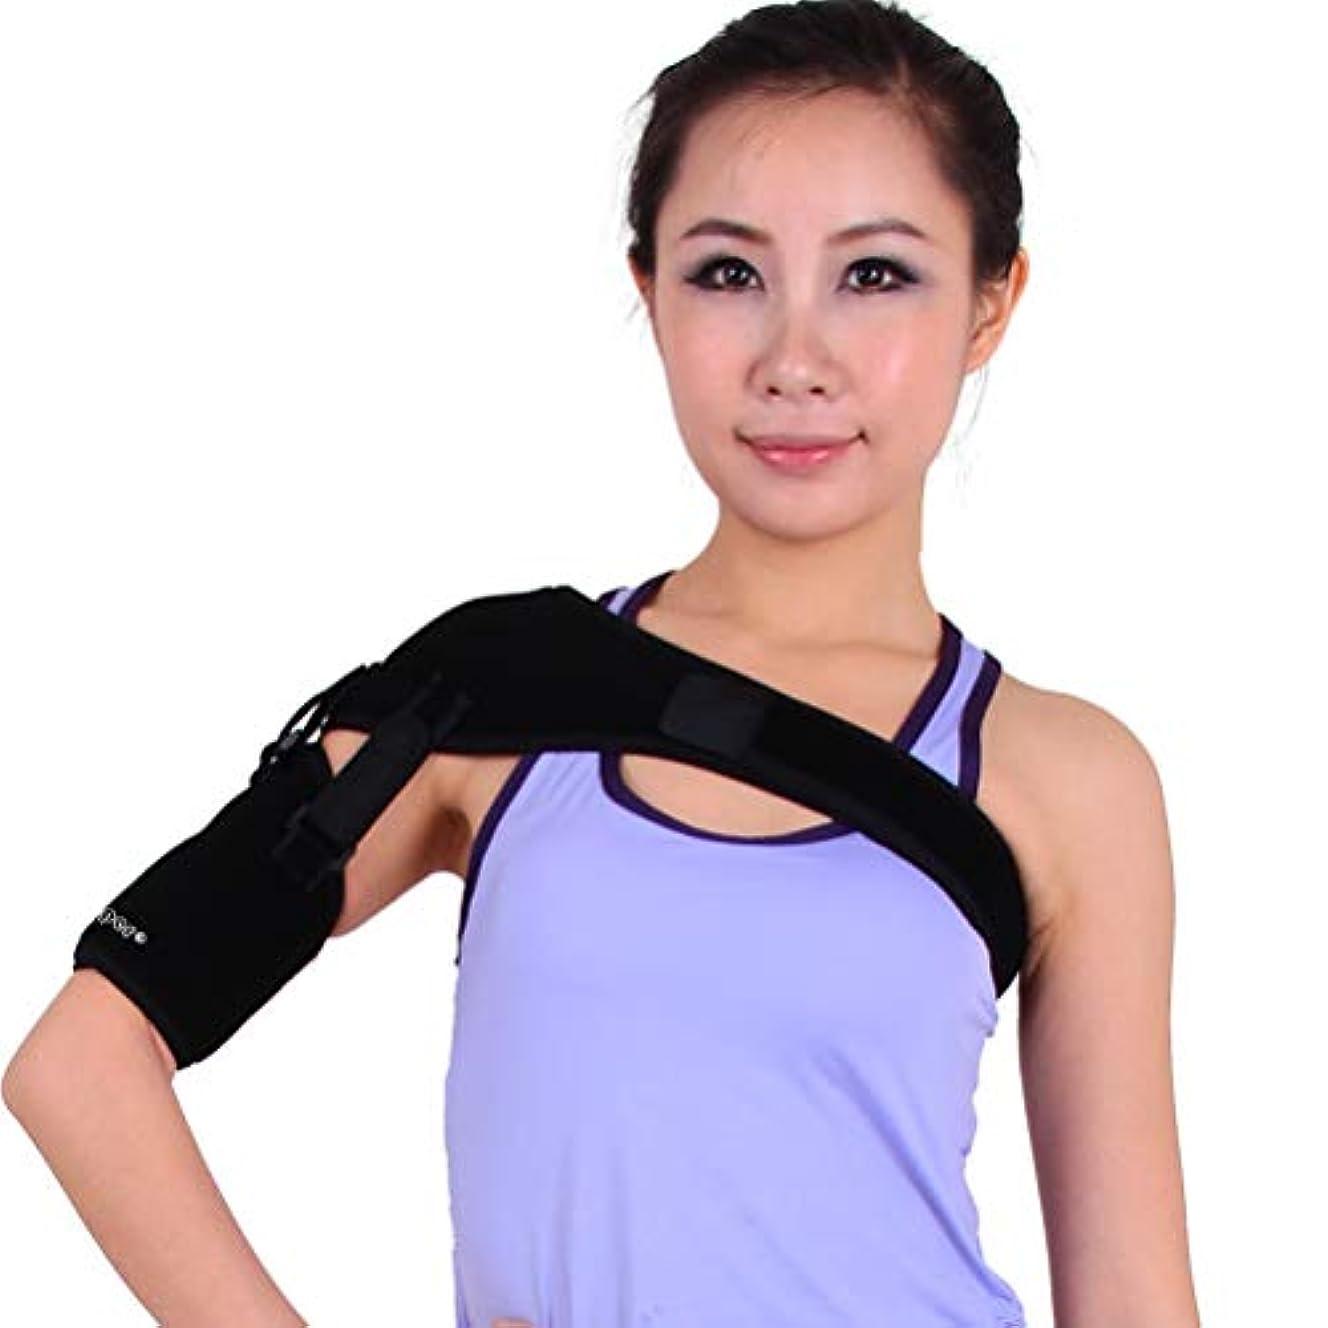 教会パッド脆いHealifty ショルダーサポート右腕スリング調整可能な肘サポートメッシュブレース医療用スリングストラップ固定具(スポーツ用)壊れた骨折した腕(黒)